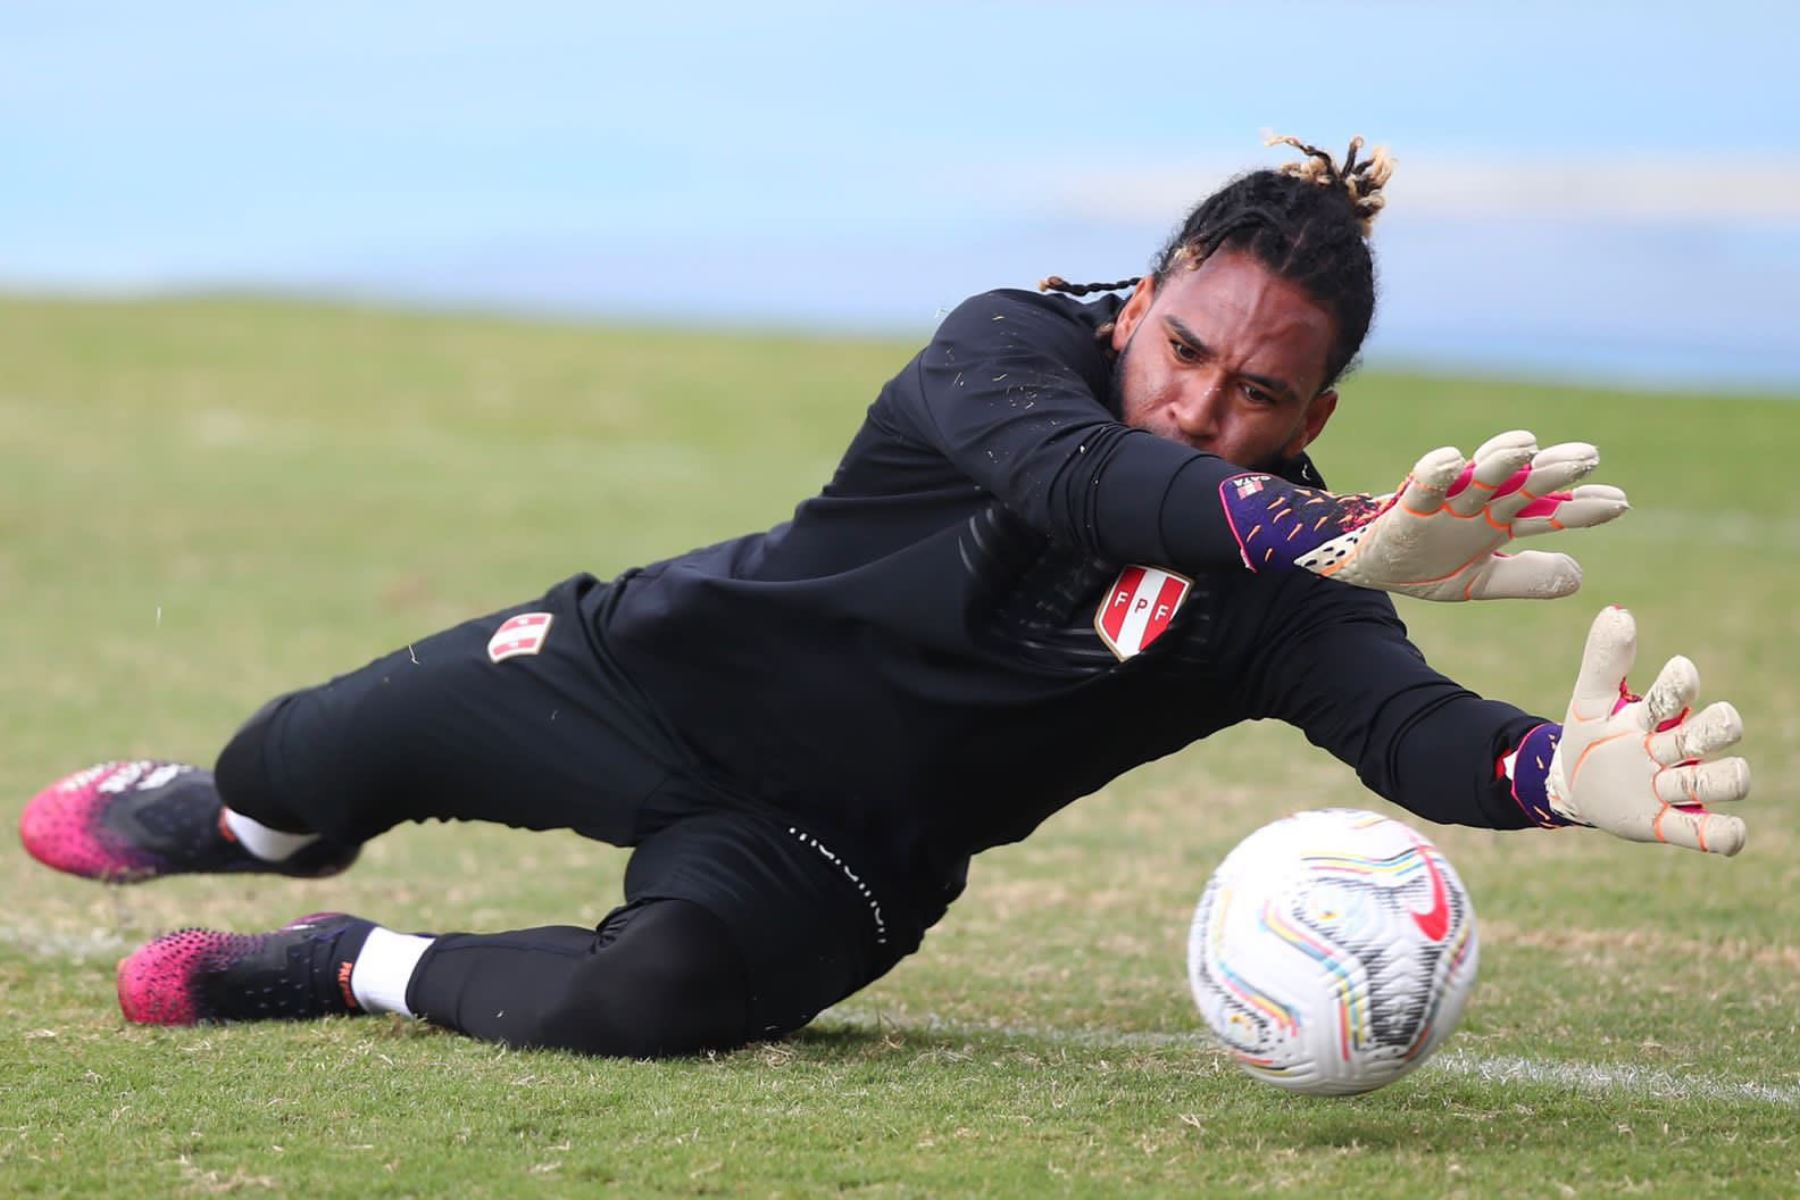 La selección peruana  cumplió su segundo día de entrenamiento, en la cancha auxiliar del estadio Nilton Santos de Río de Janeiro, para enfrentar mañana, a las 19:00 horas a Brasil por la fecha 2 del Grupo B de  la Copa América 2021. En la foto el arquero Pedro Gallese. Foto: @Selección Peruana